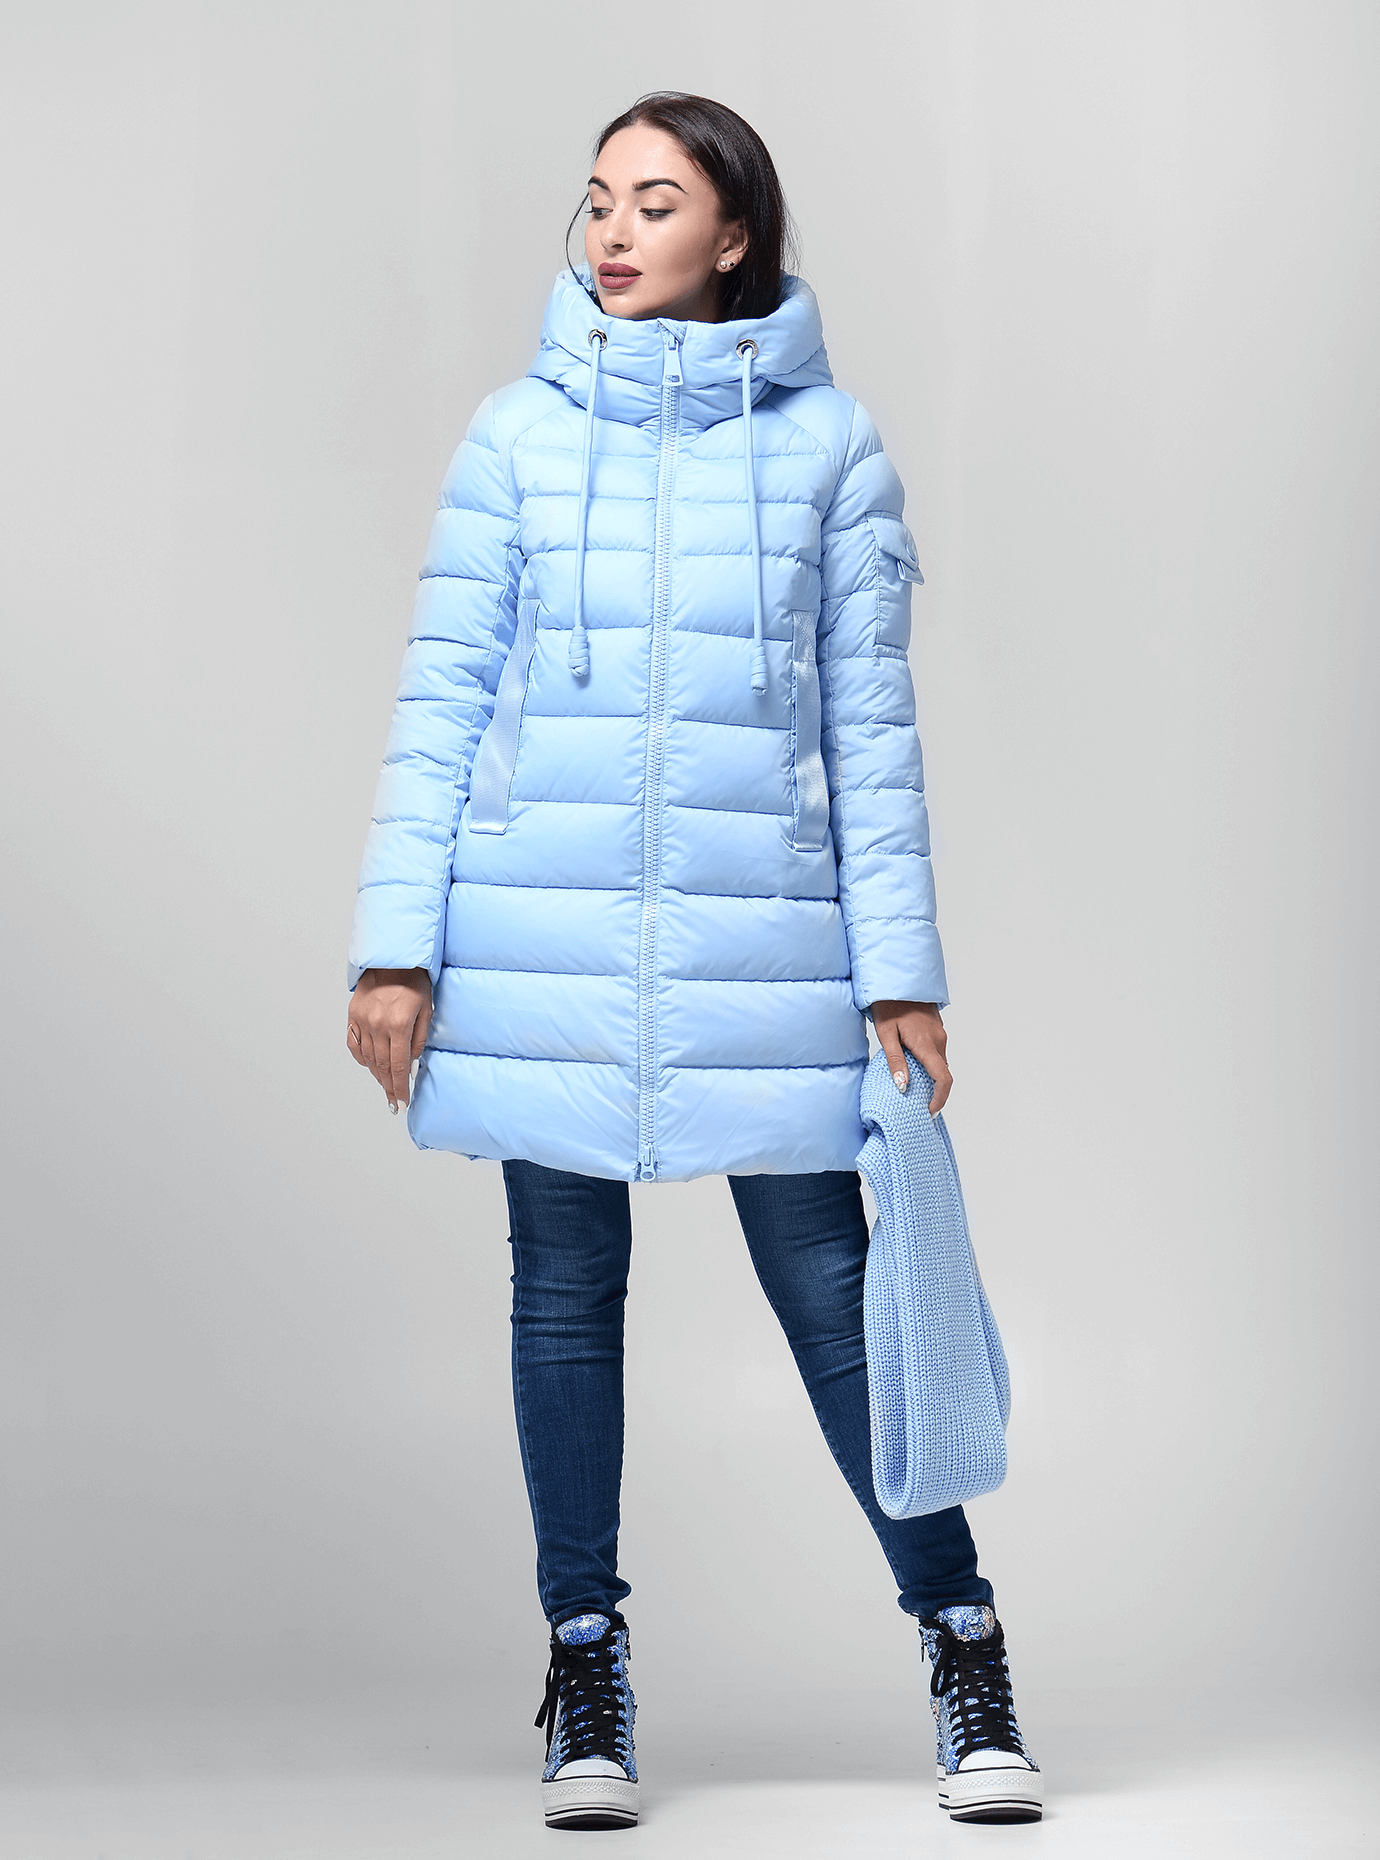 Пуховик женский с капюшоном Светло-голубой XL (02-4678): фото - Alster.ua